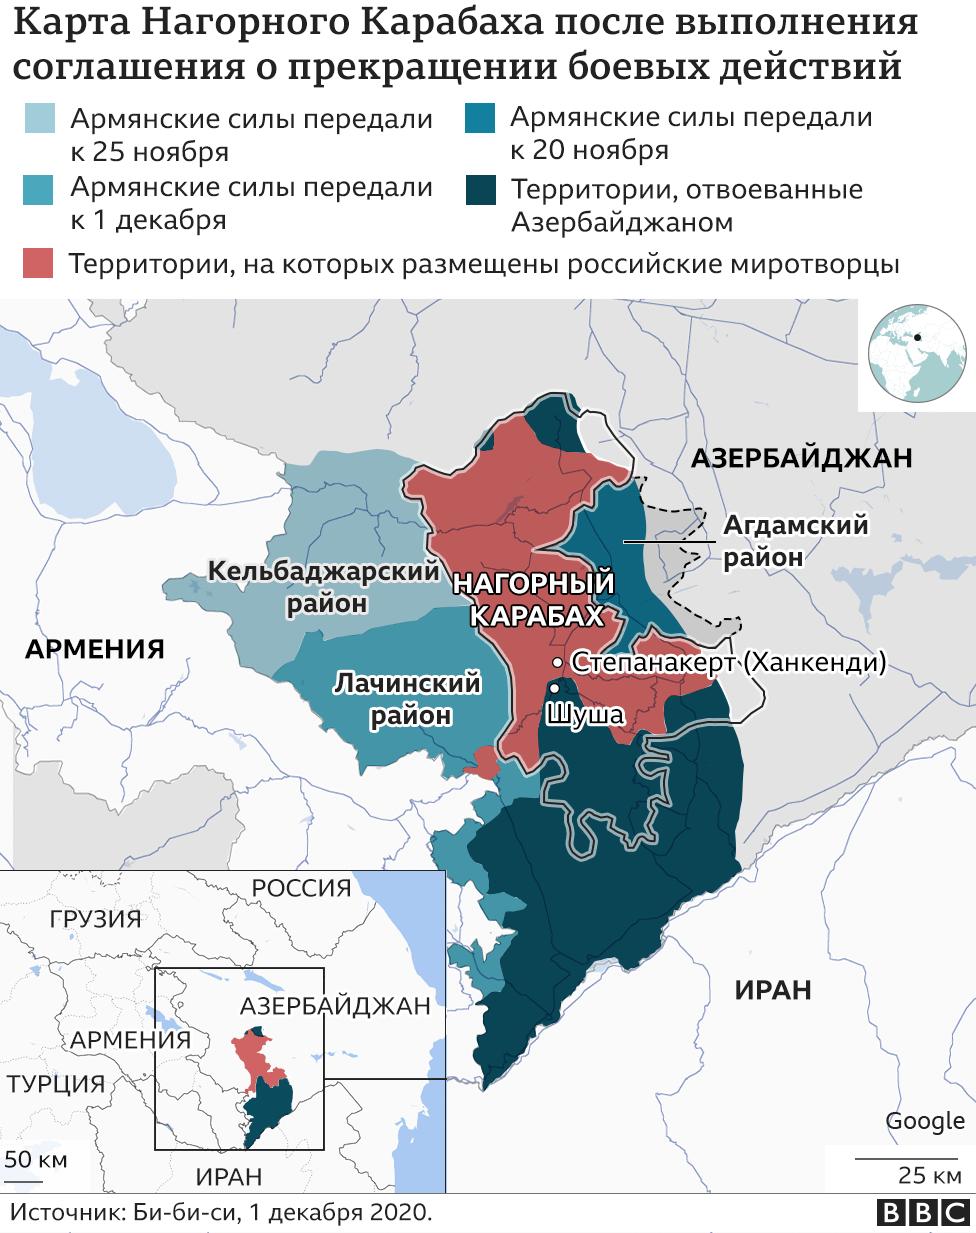 Карта зоны миротворческой операции в Карабахе